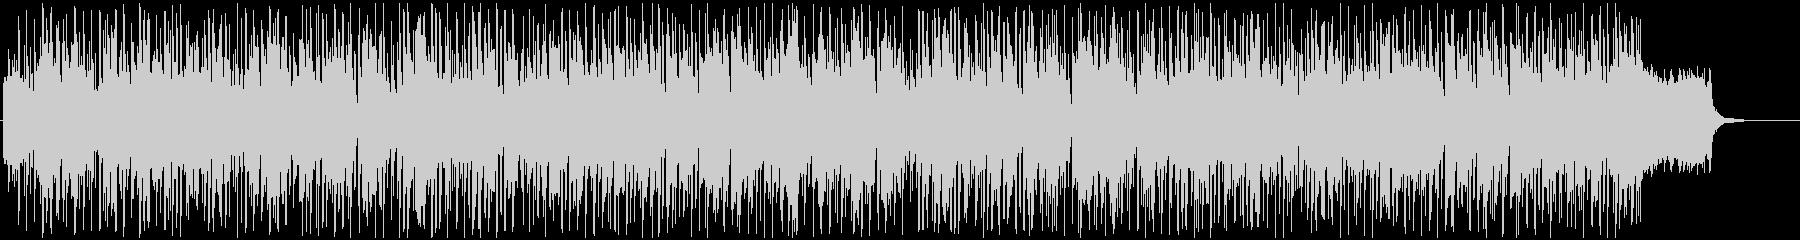 スピーディでダンサブルなBGMの未再生の波形